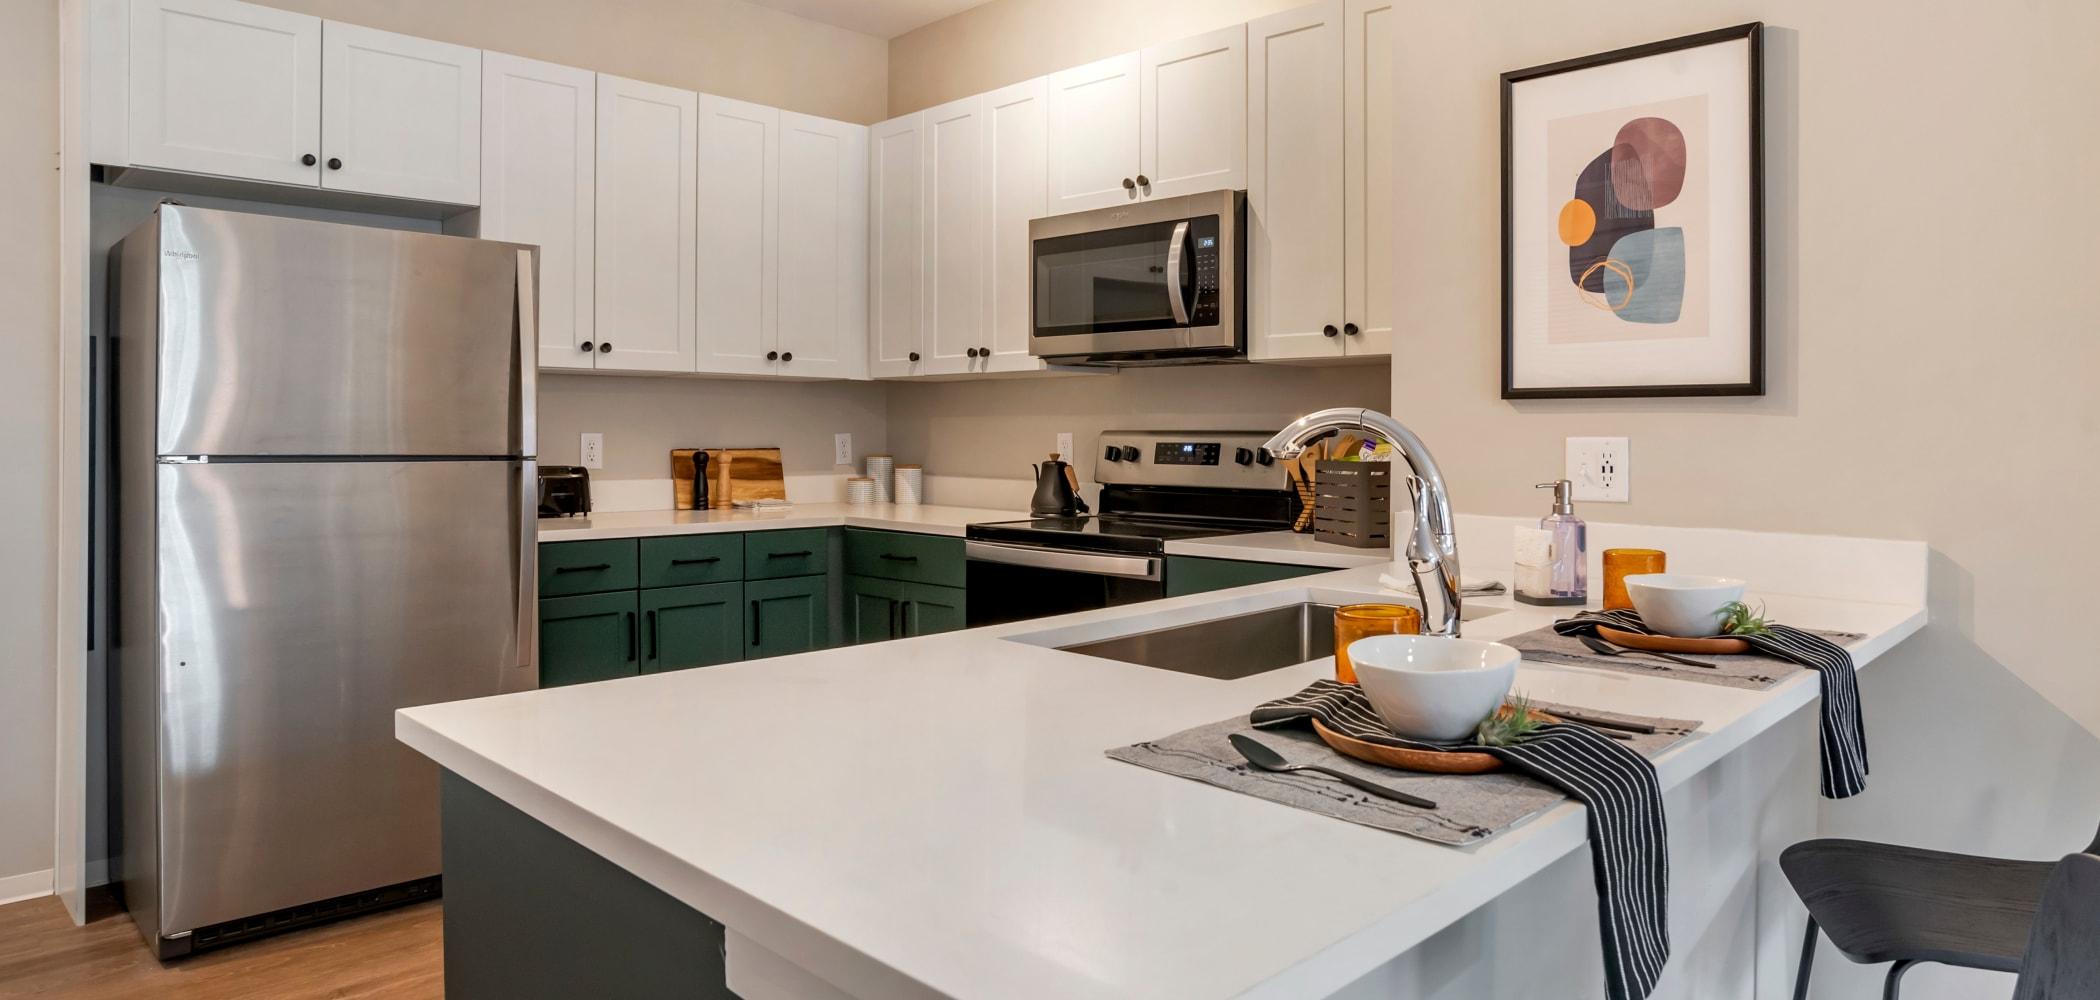 Spacious kitchen at UNCOMMON Auburn in Auburn, Alabama